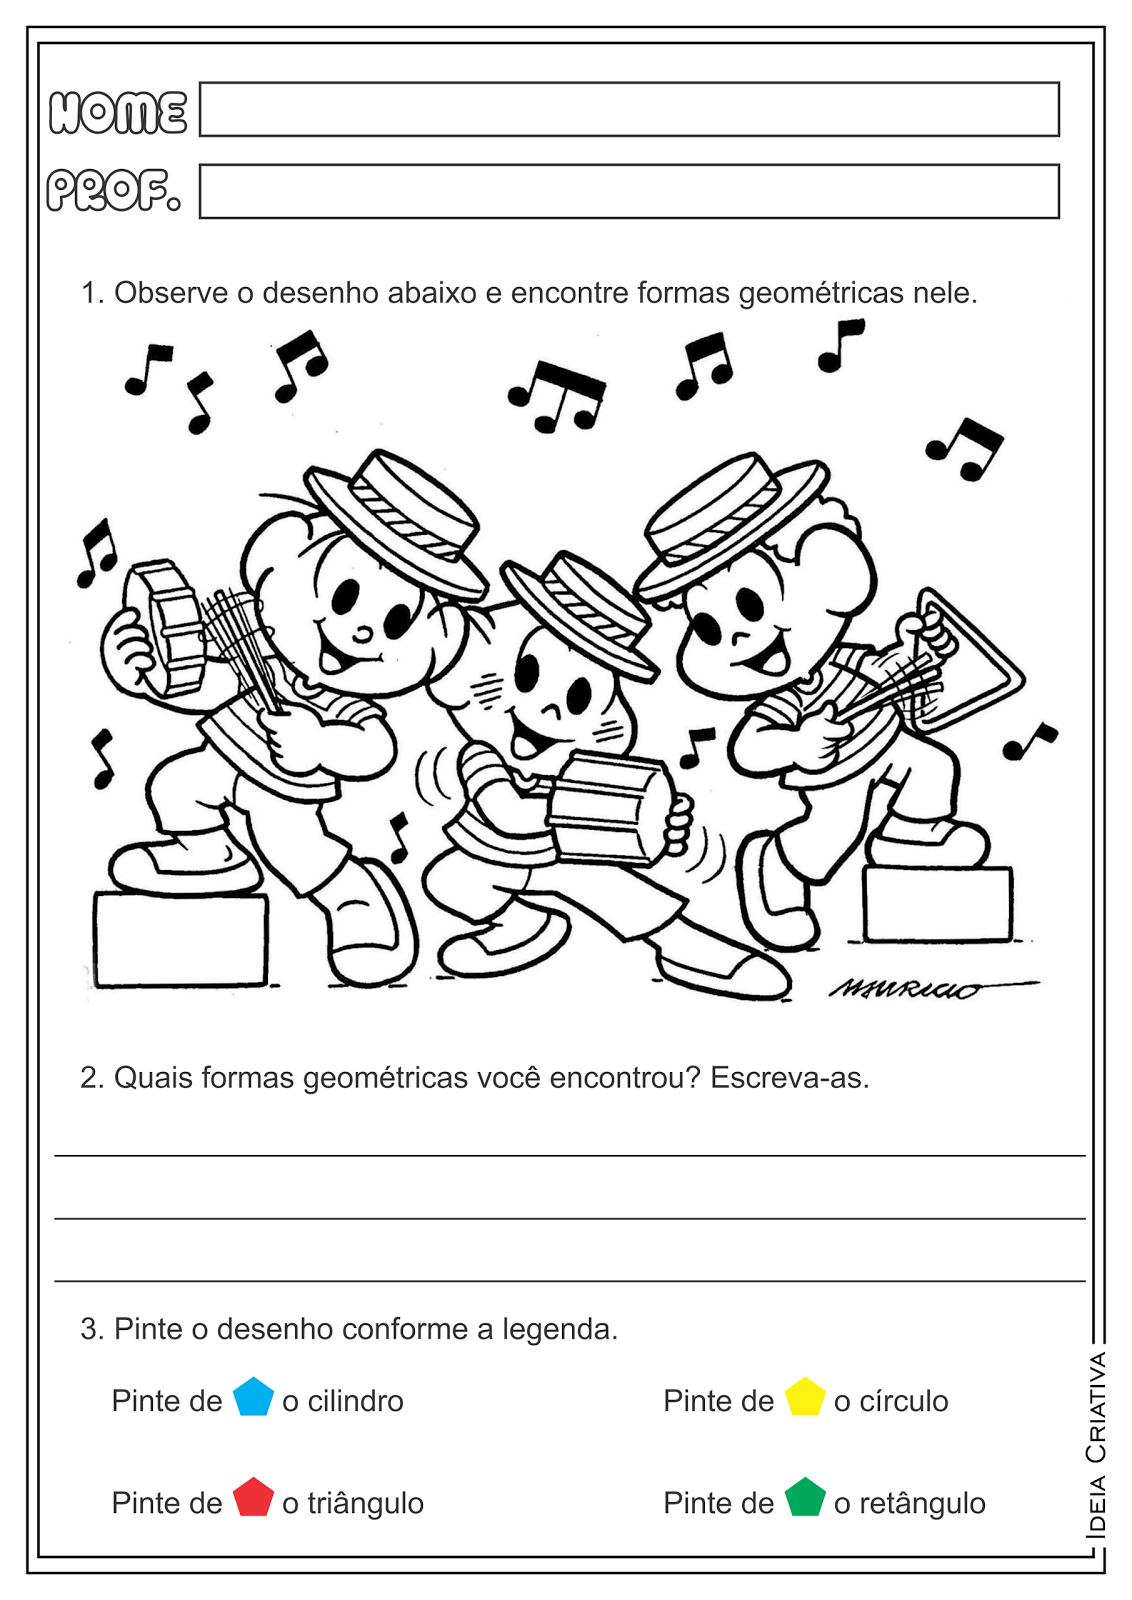 Atividades Formas Geométricas Geometria Carnaval Turma da Mônica